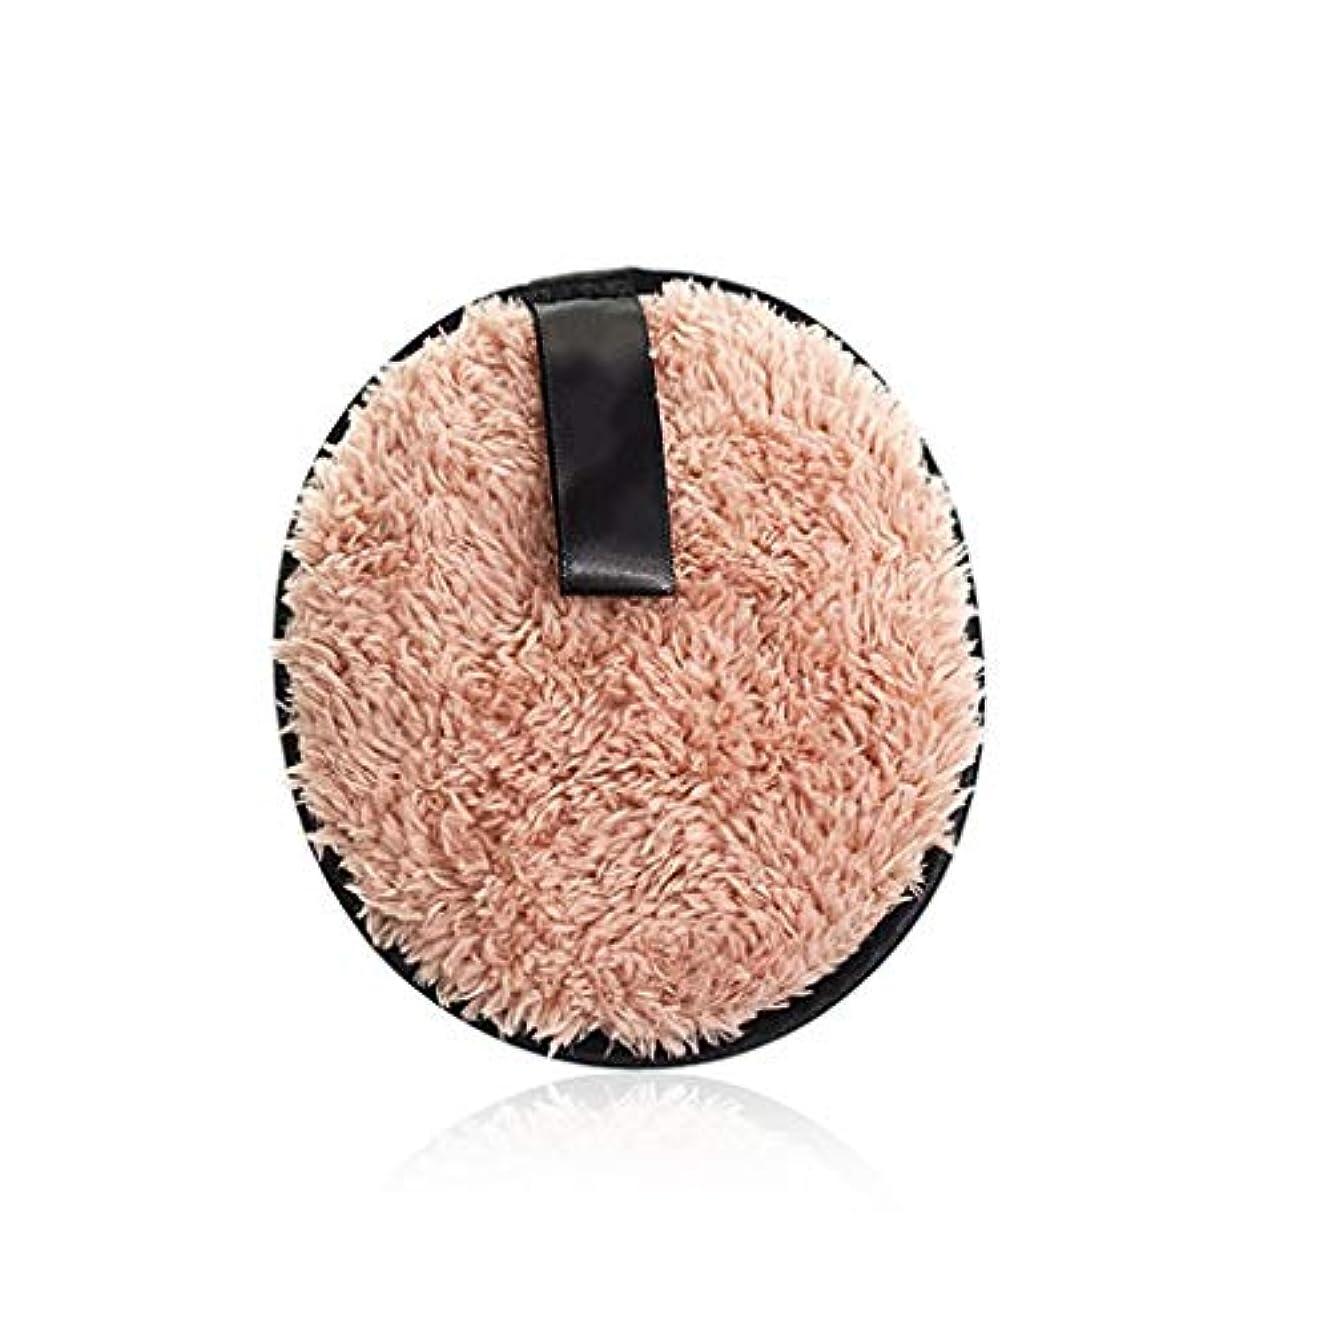 遠近法欠員量でフェイスメイクアップリムーバーソフトスポンジコットンメイクアップリムーバークロスパウダーパフ洗顔ワイプ再利用可能な洗えるパッド (Color : Light brown, サイズ : 4.7*4.7*0.7inch)